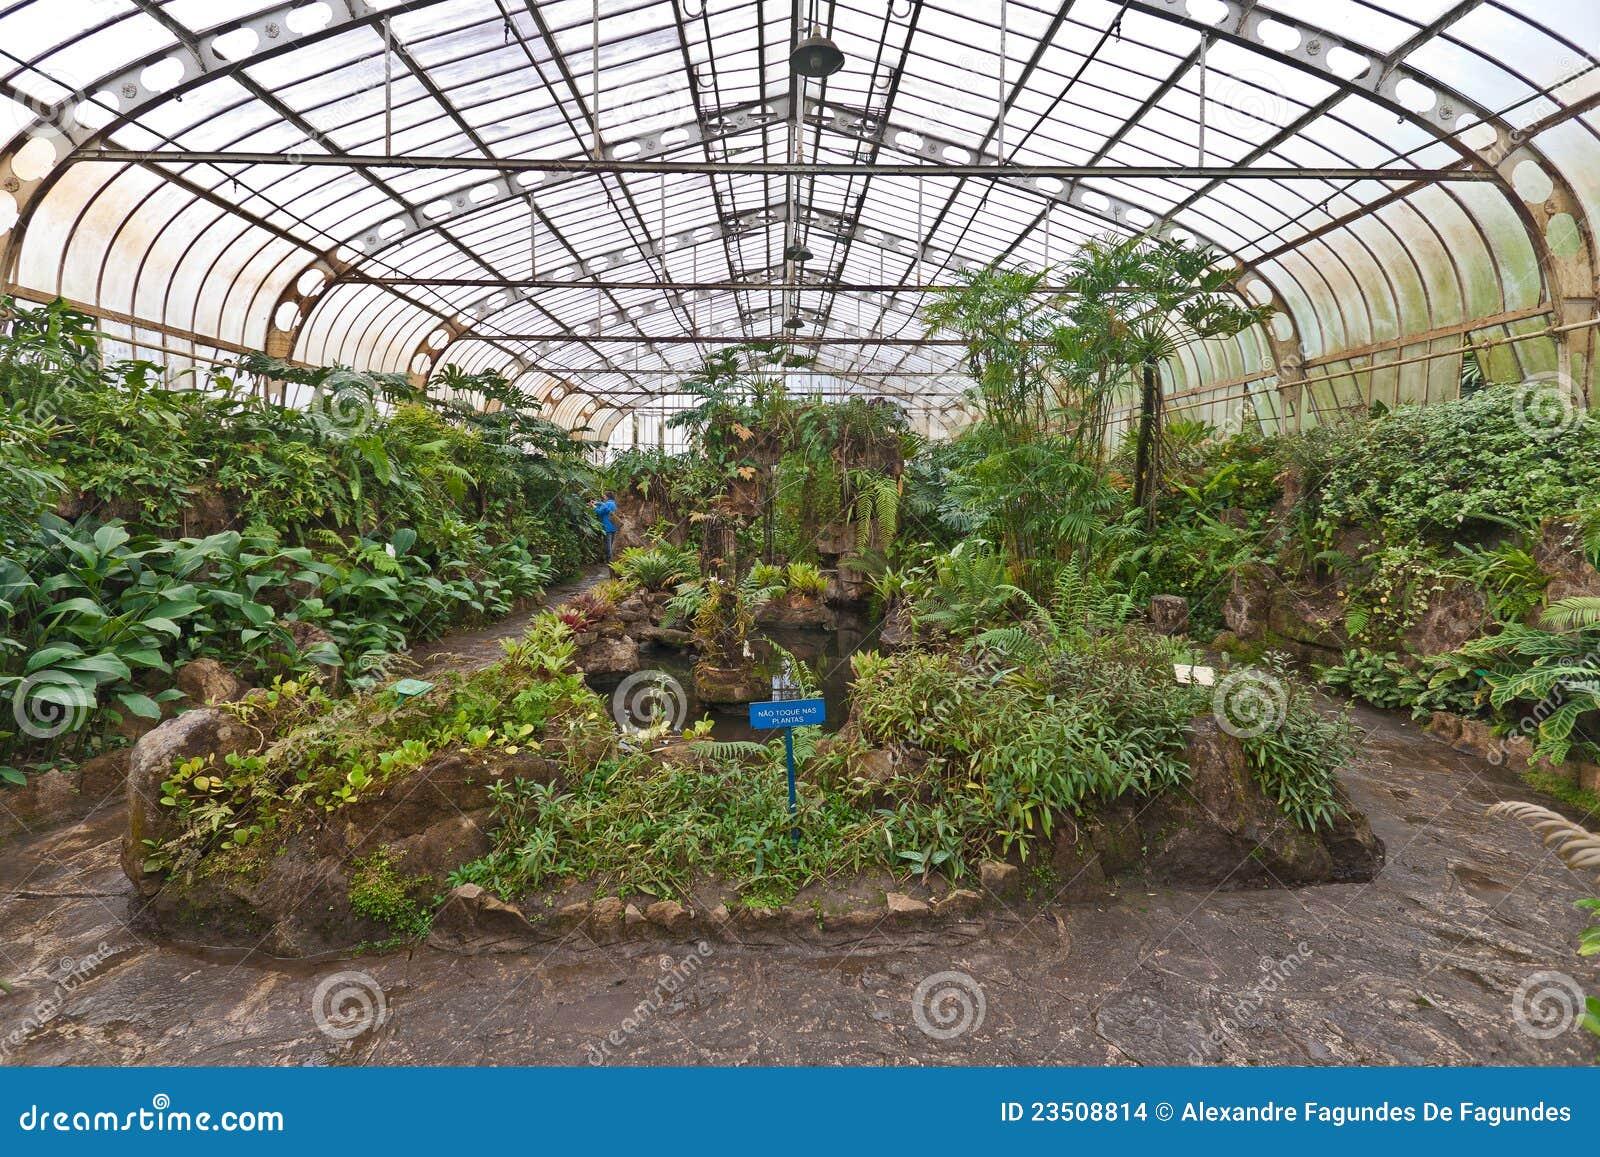 Estufa sao paulo brasil dos jardins bot nicos imagens de - Estufa de jardin ...